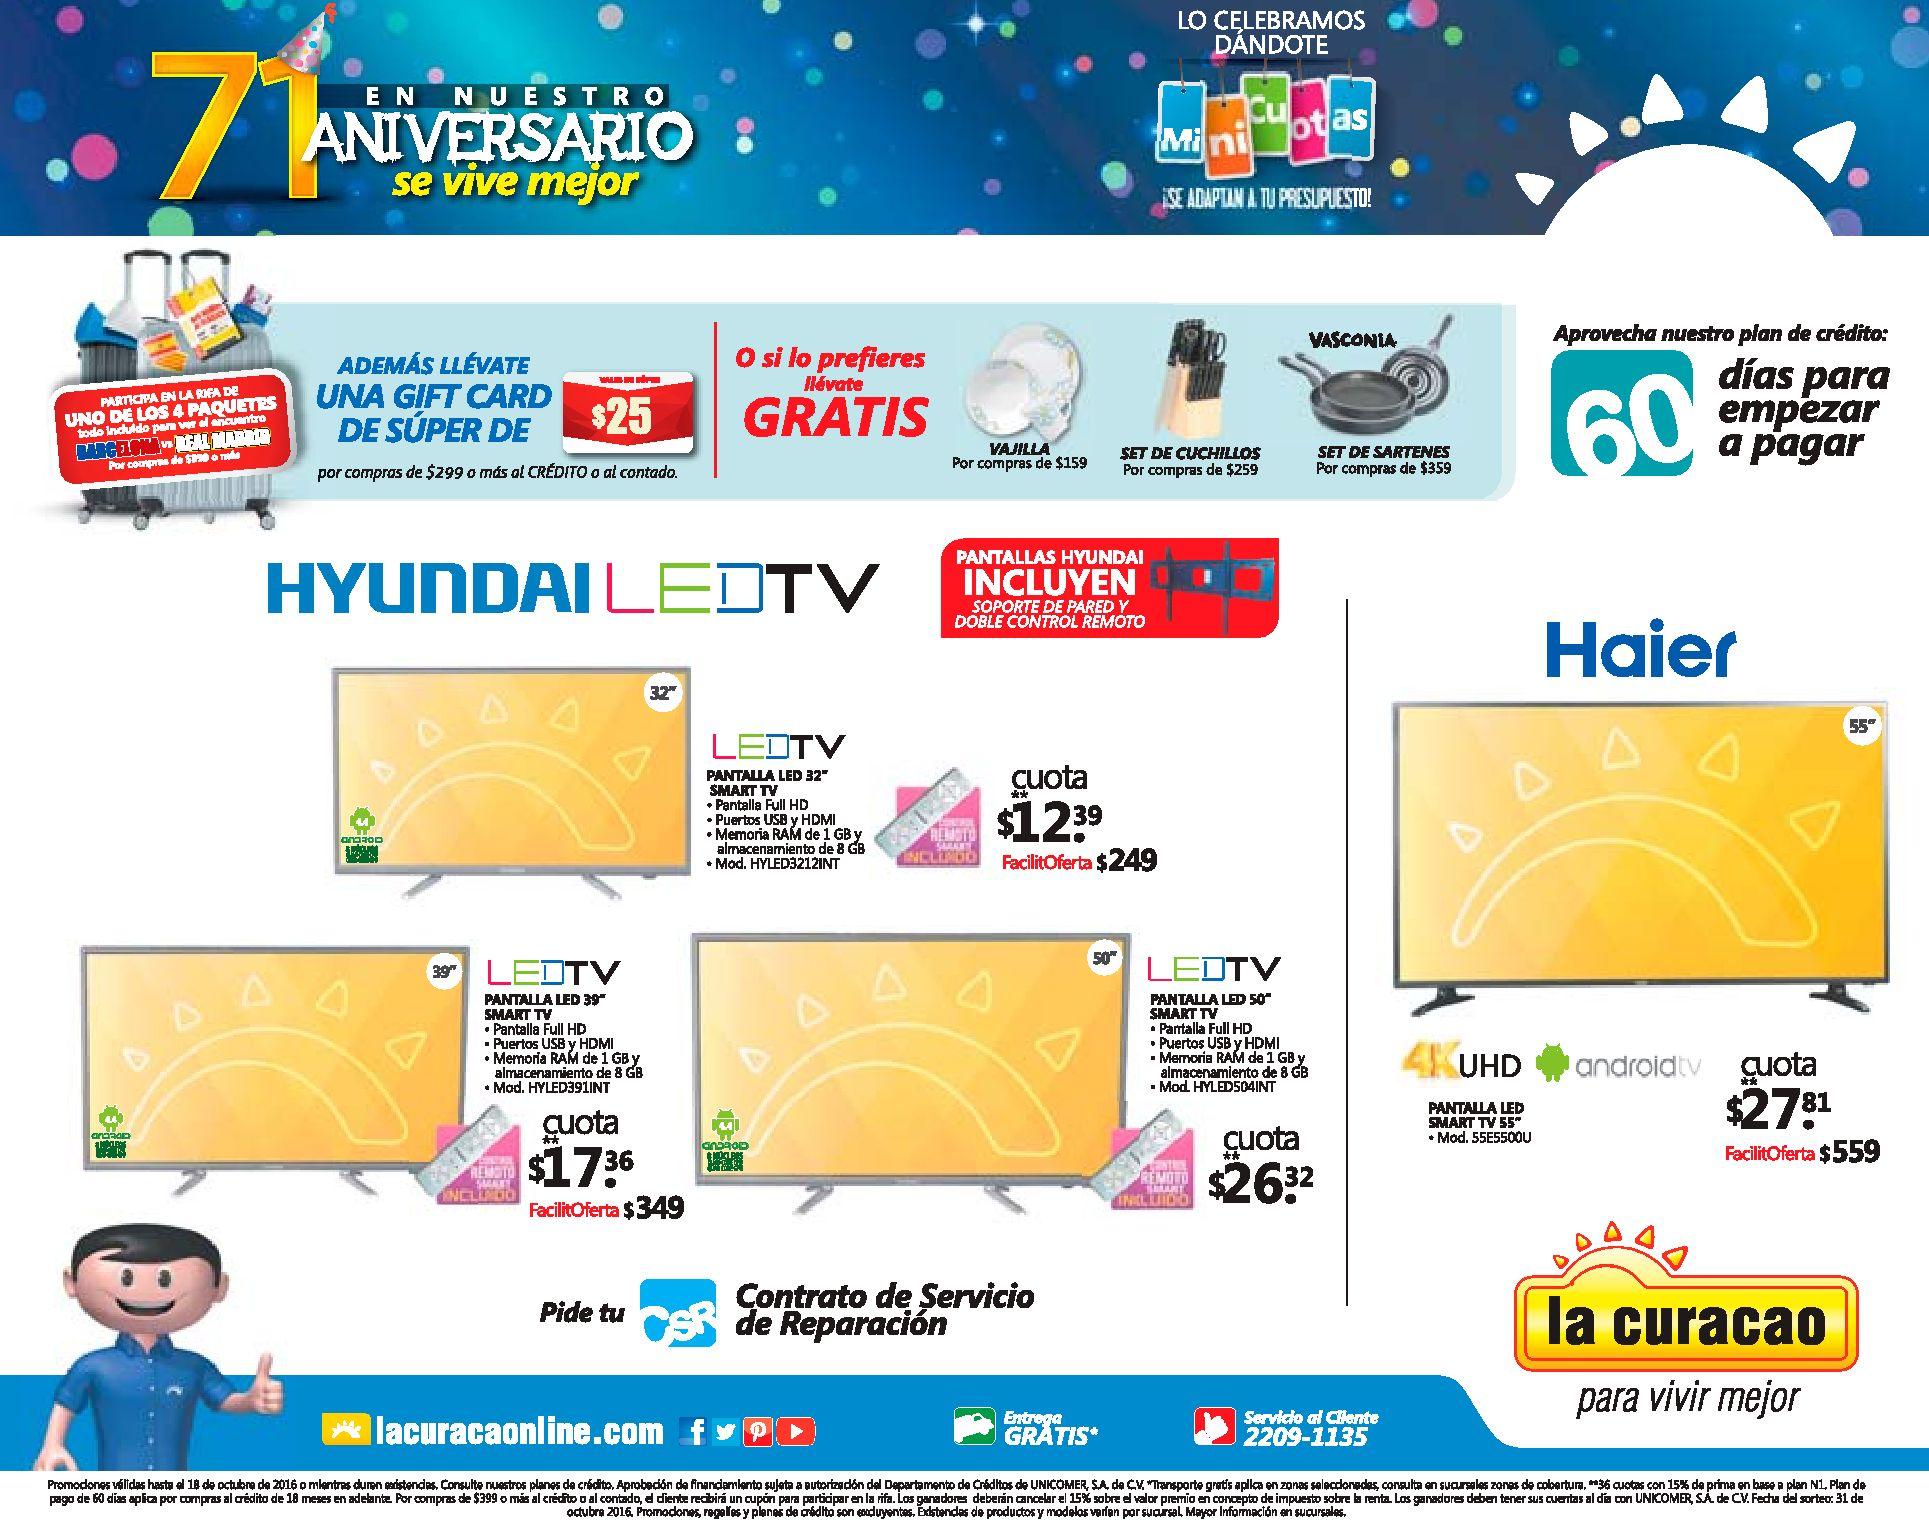 hyundai-ledtv-promociones-en-televisores-la-curacao